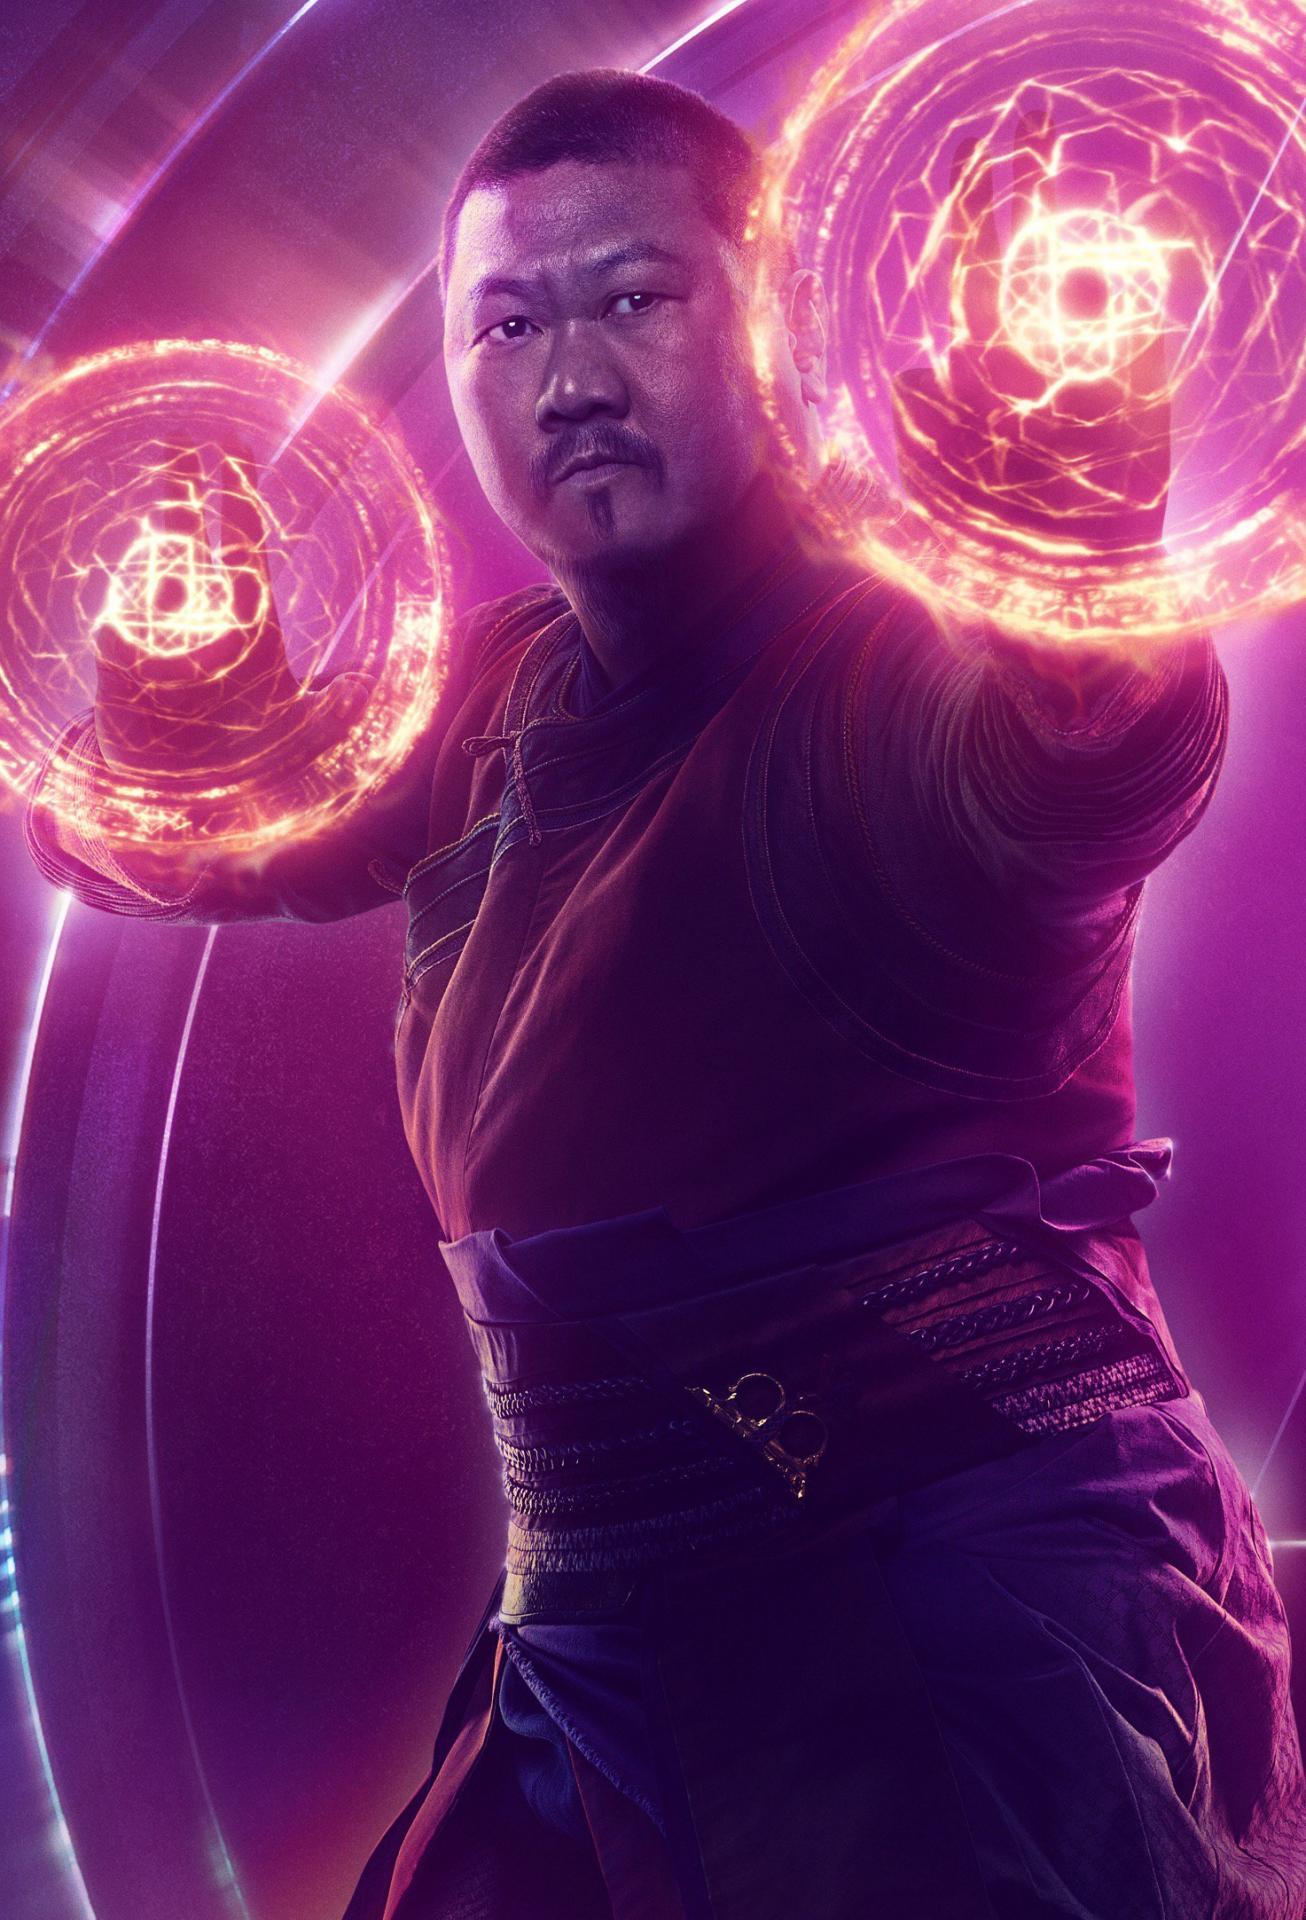 Avengers infinity war wong poster